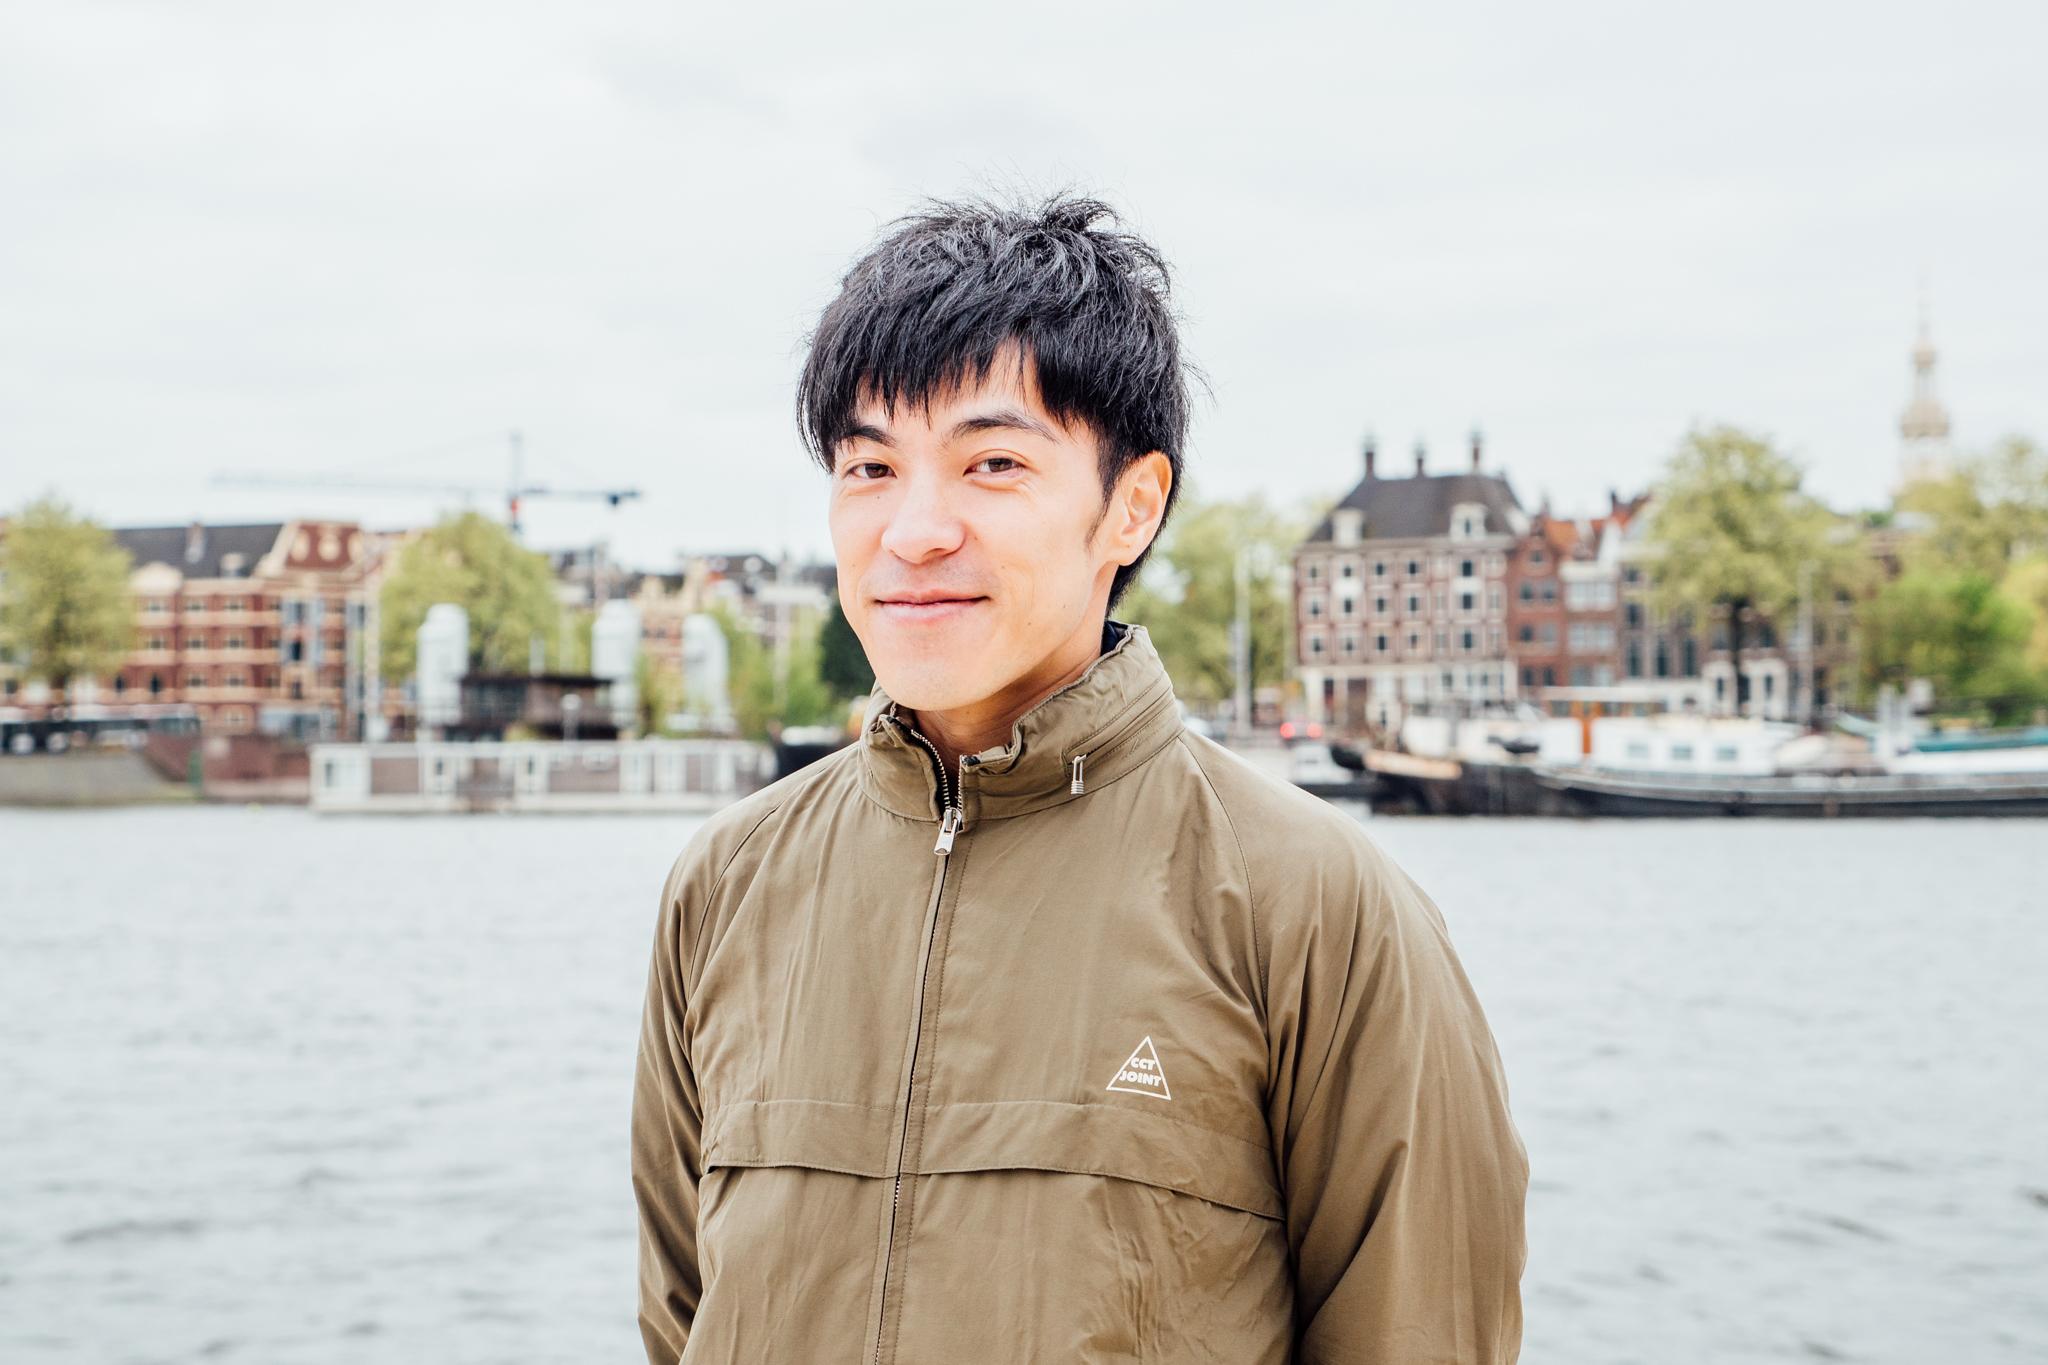 Takeo Sugamata